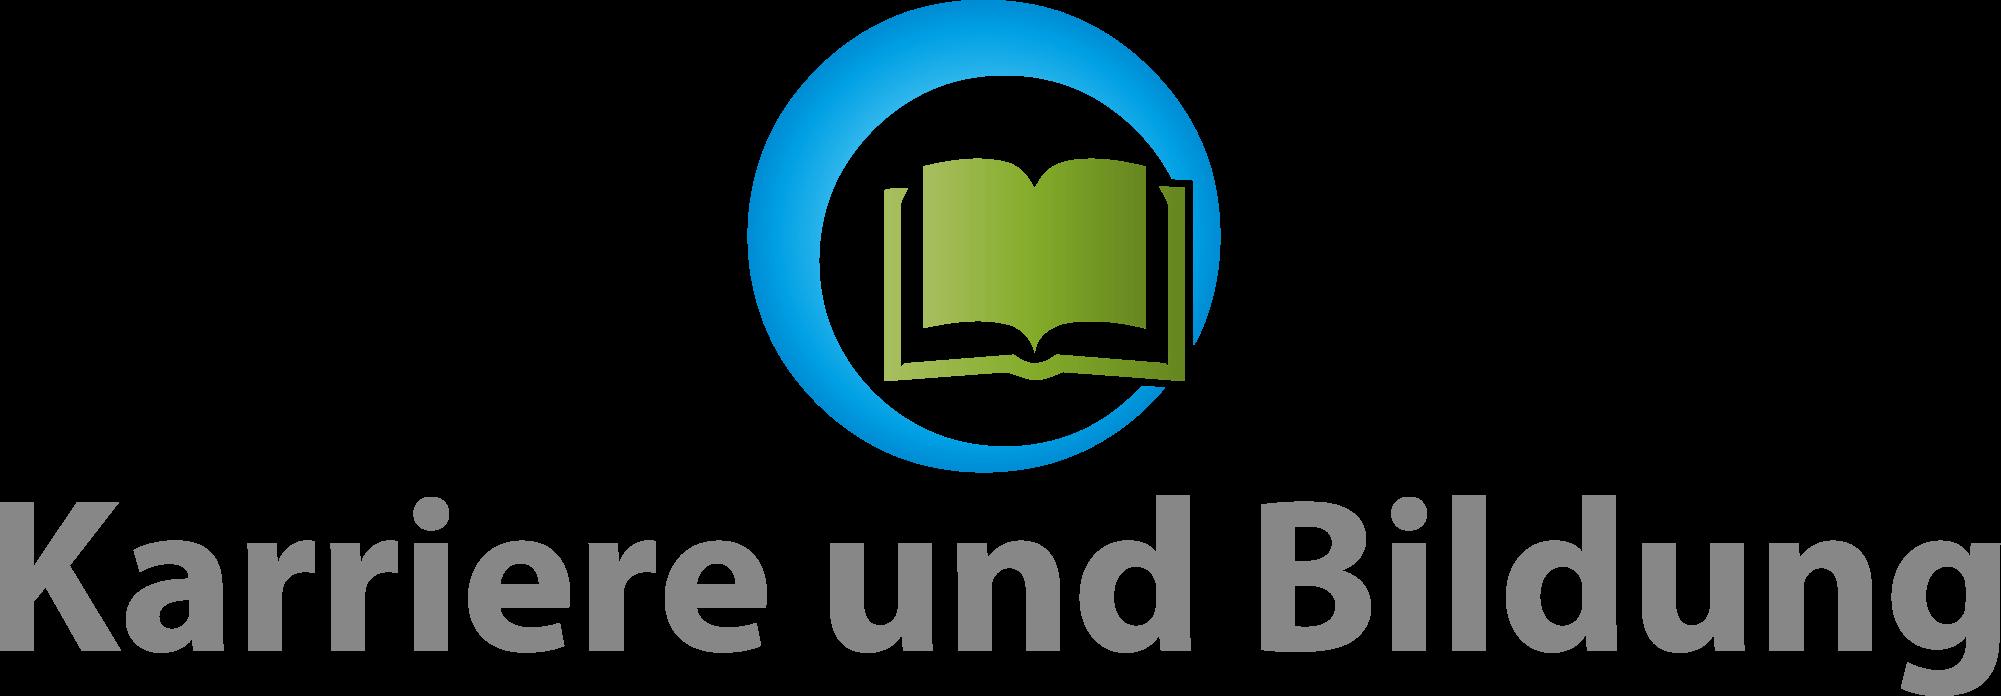 karriere-und-bildung.de - Artikel zu Karriere und Bildung sowie Bewerbungsservice